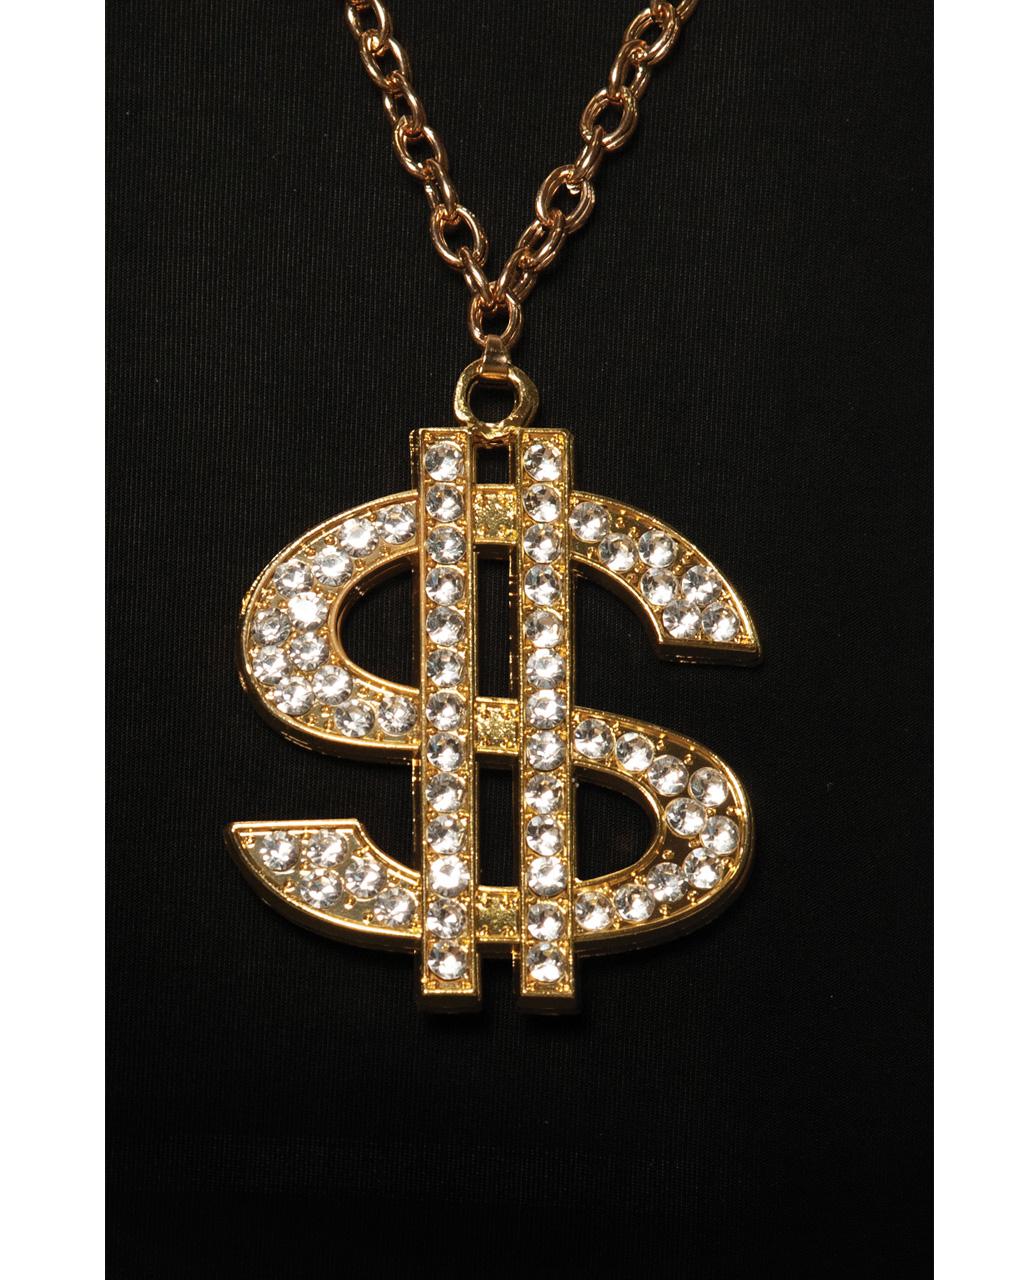 Riese Dollarzeichen Gangster Halskette Hip Hop Bargeld Geld Rapper Goldkette